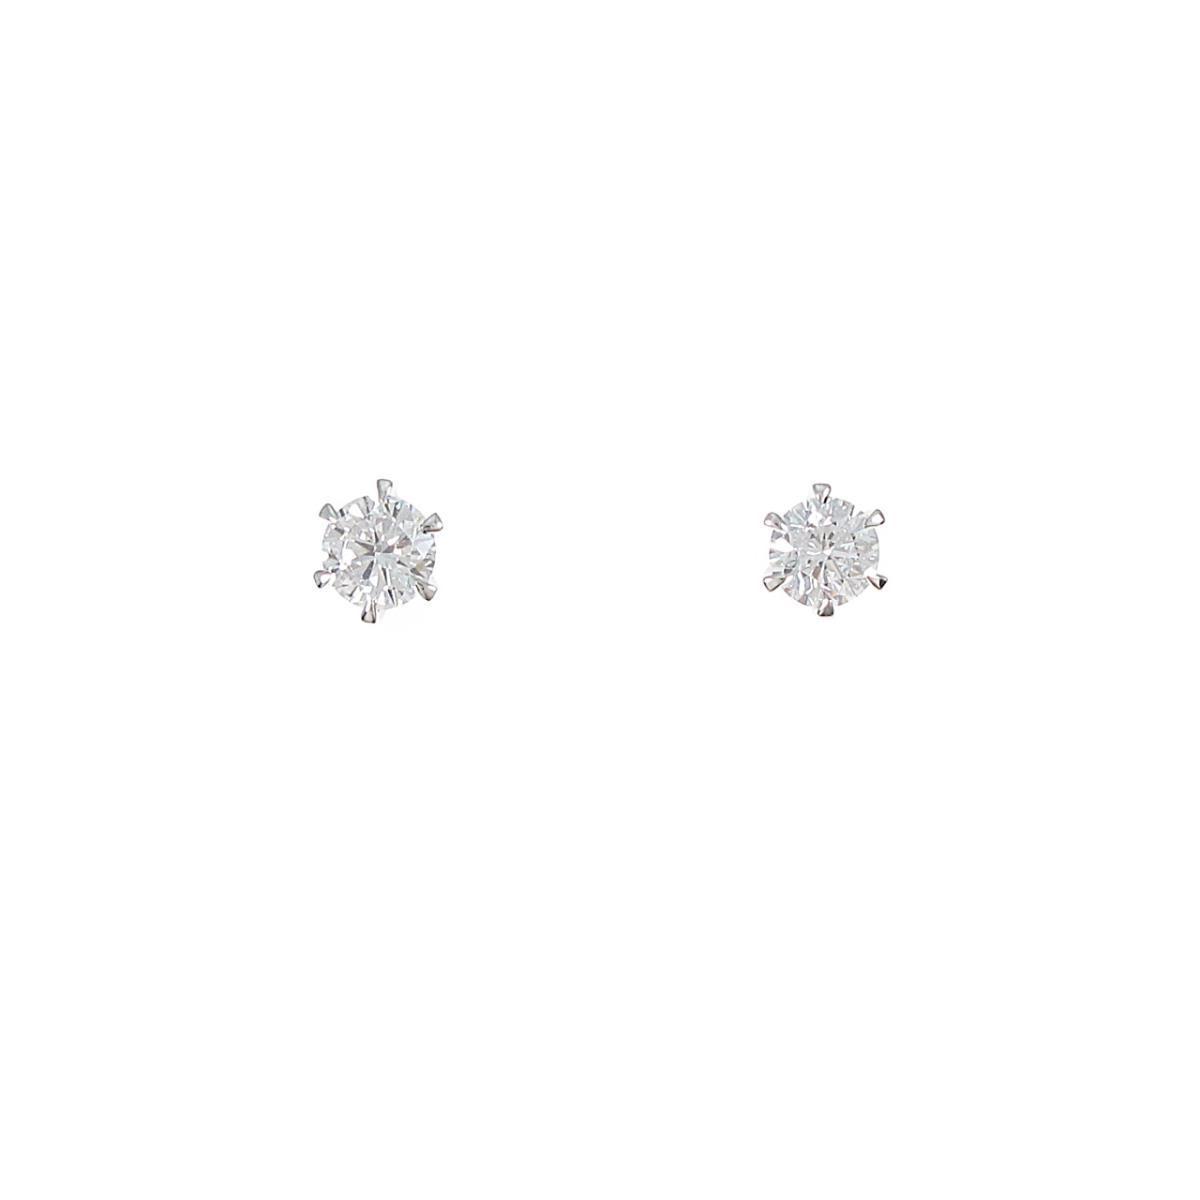 【リメイク】プラチナ/ST ダイヤモンドピアス 0.247ct・0.255ct・D・VS1・GOOD【中古】